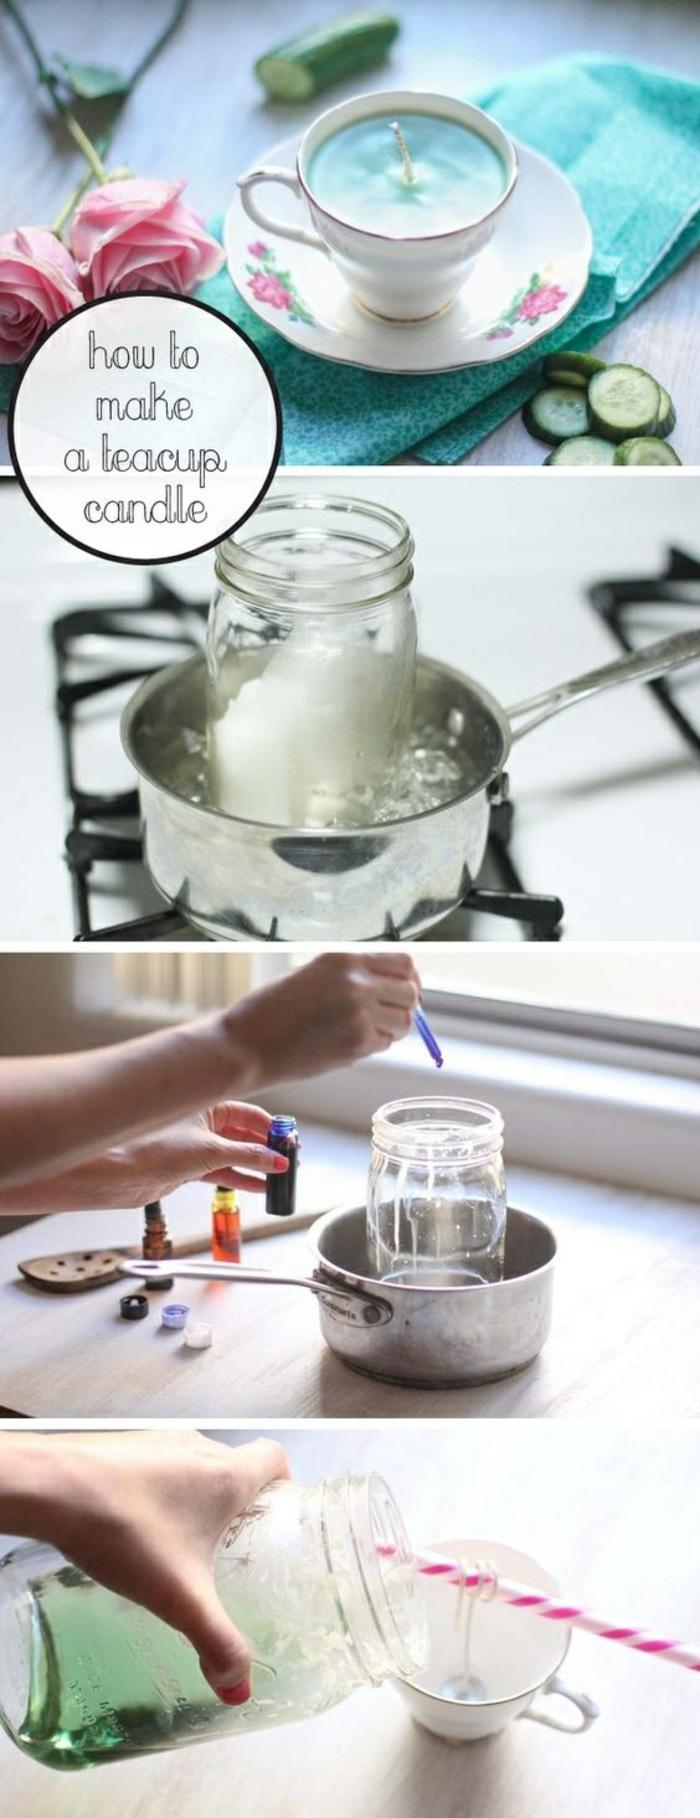 quel contenant pour une bougie fait maison, pas à pas comment fabriquer une bougie, tutoriel creation bougie